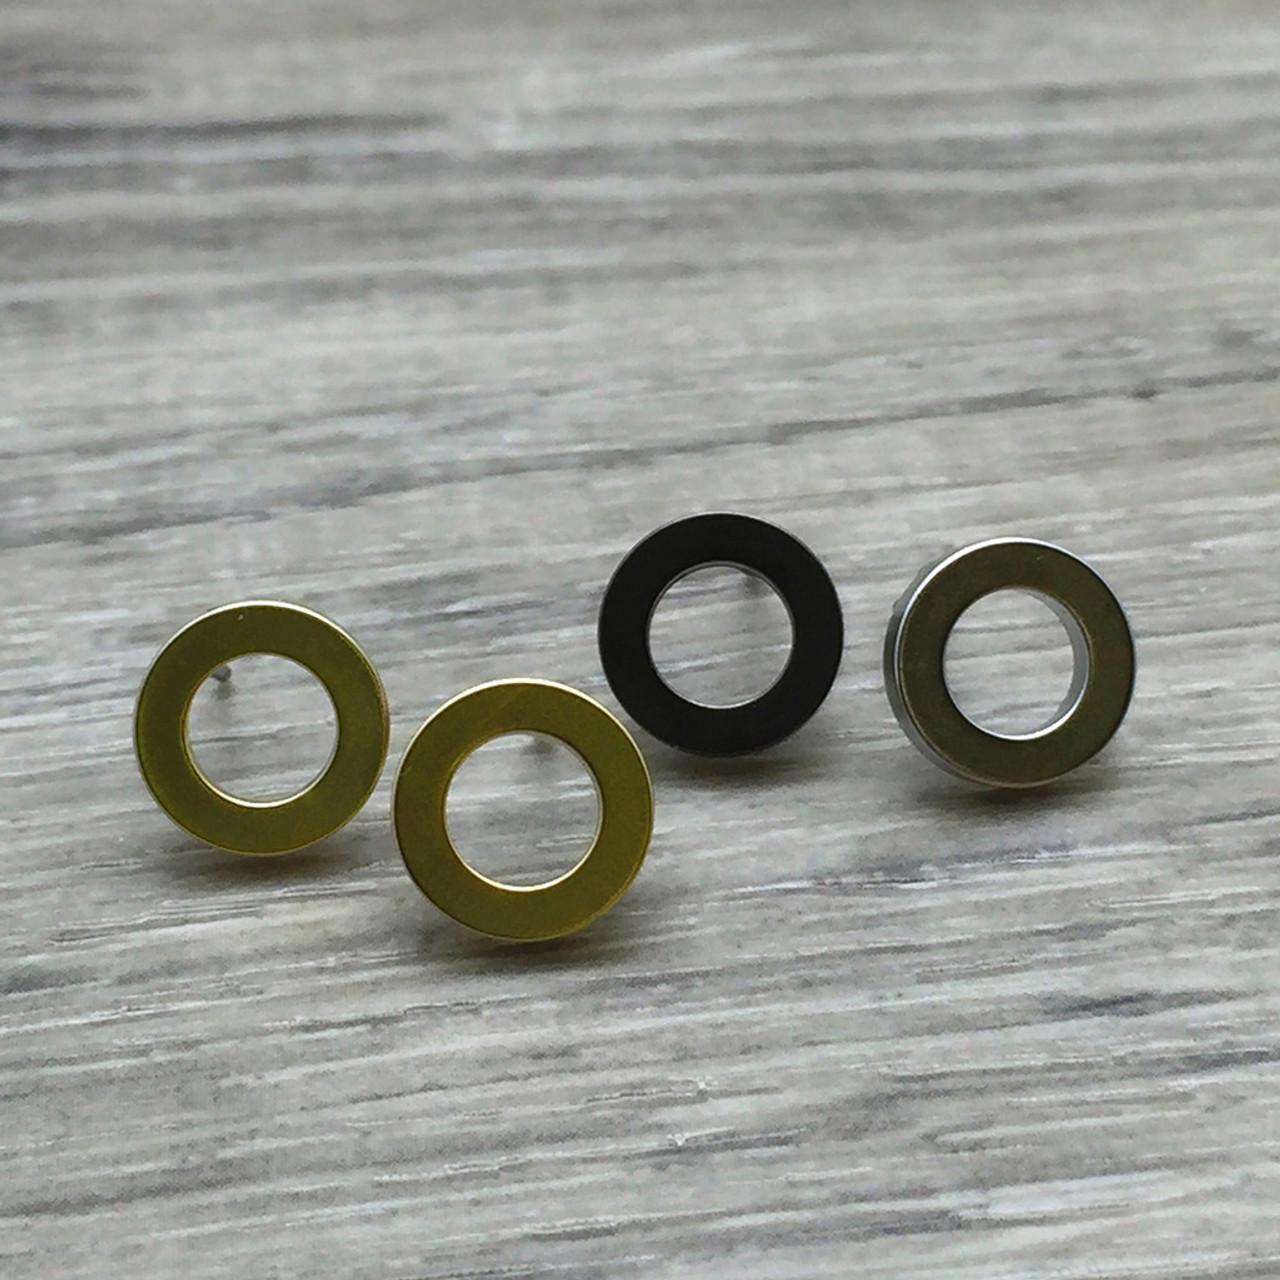 21d7daab0eeb Open circle stud earring - FAB Accessories Inc.